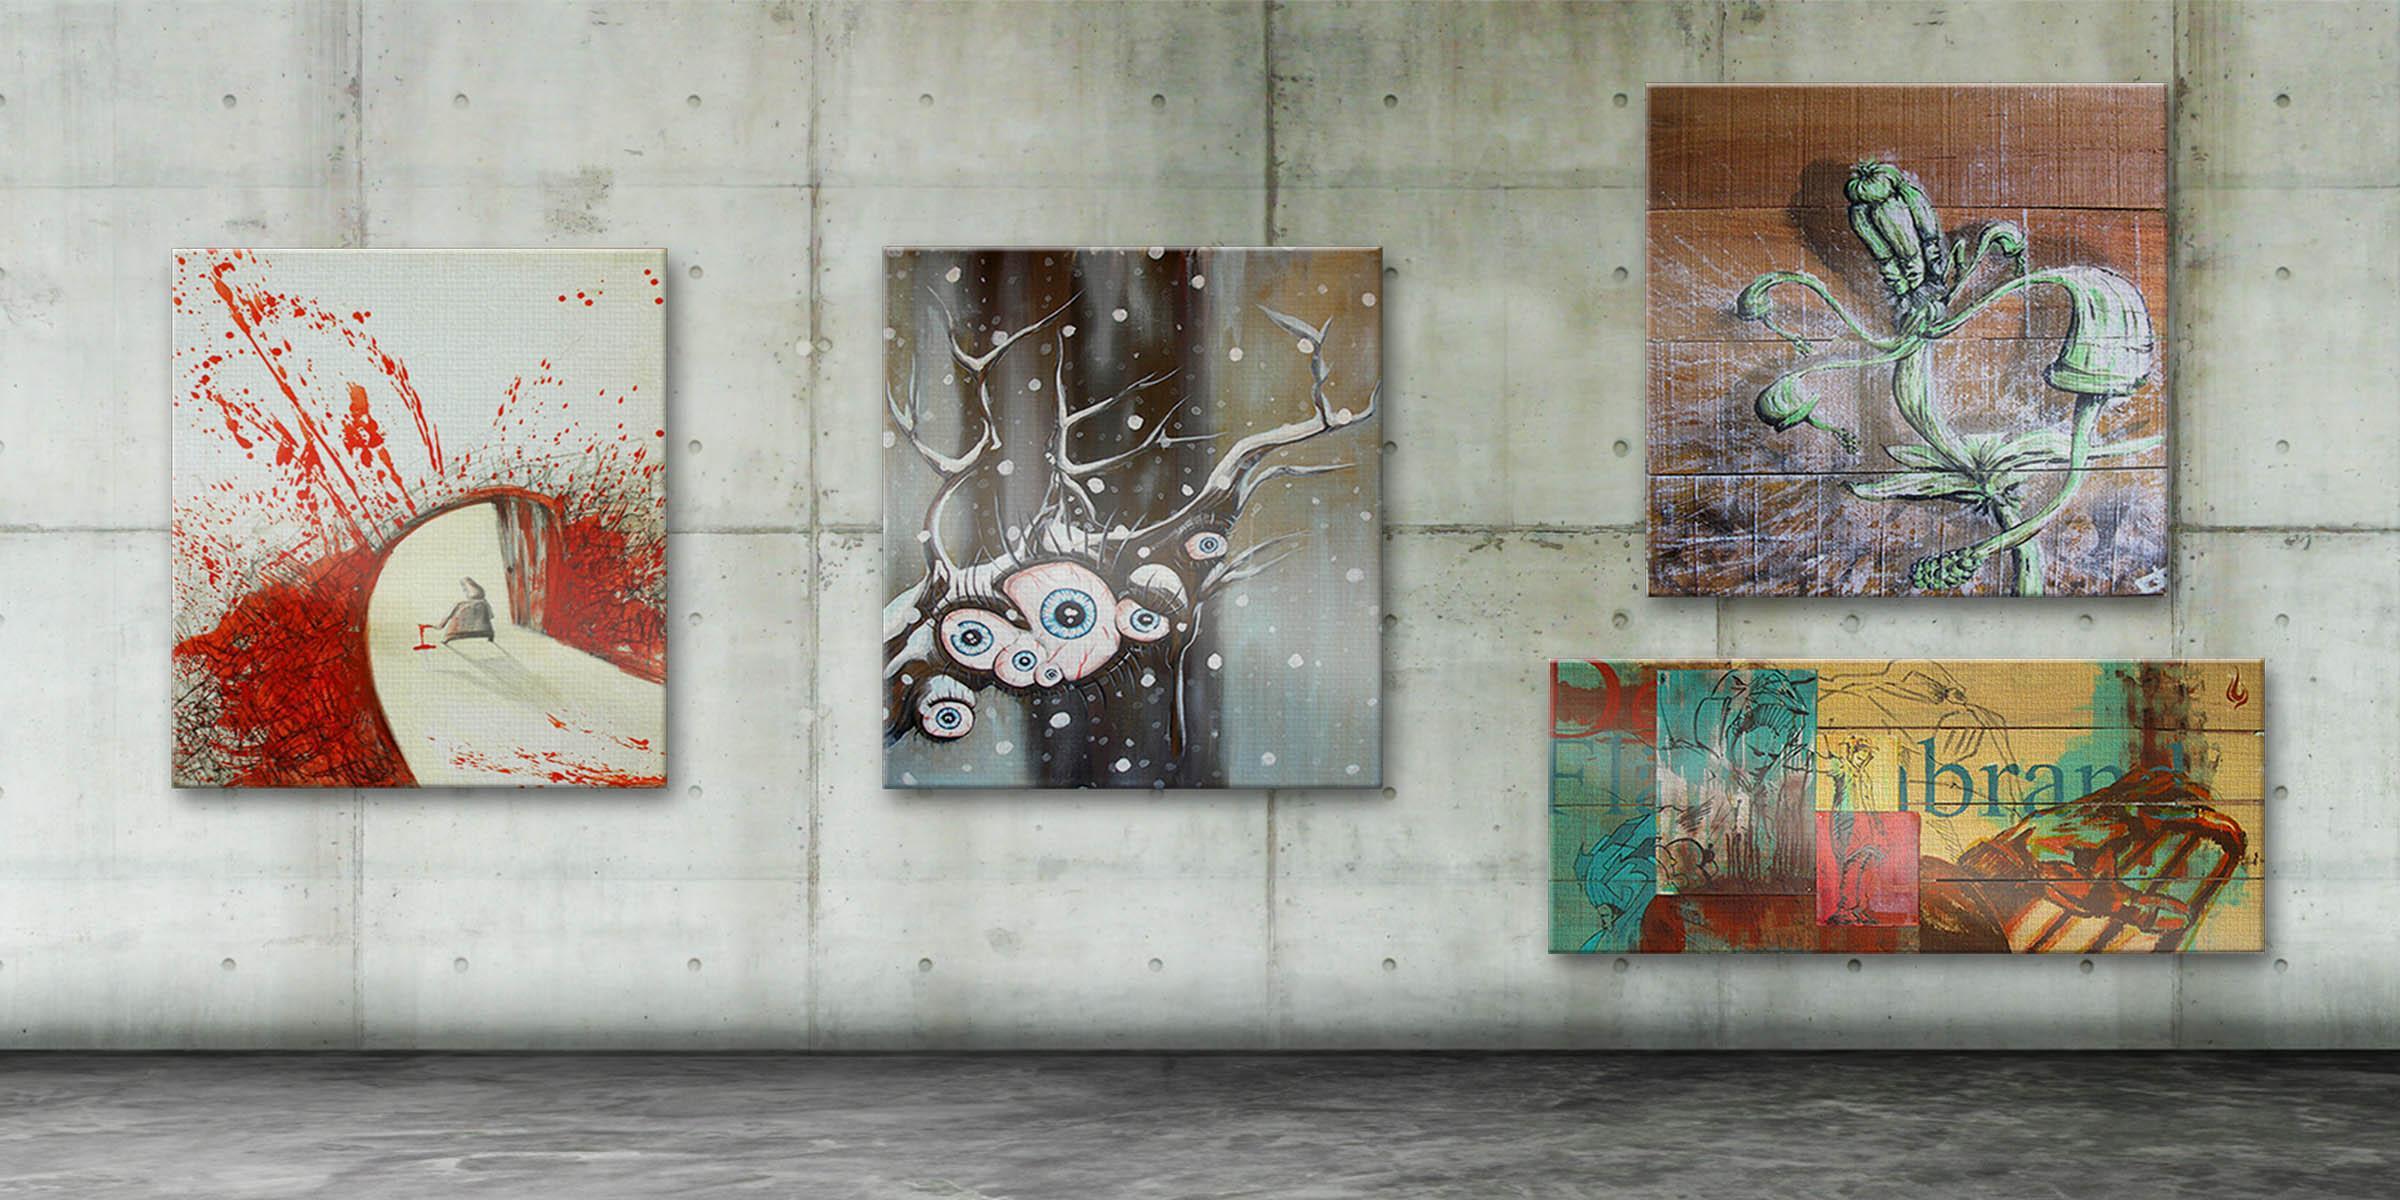 10 art artist street art illustrator gregor fenger art street acryl jakarta fair scribble graffiti